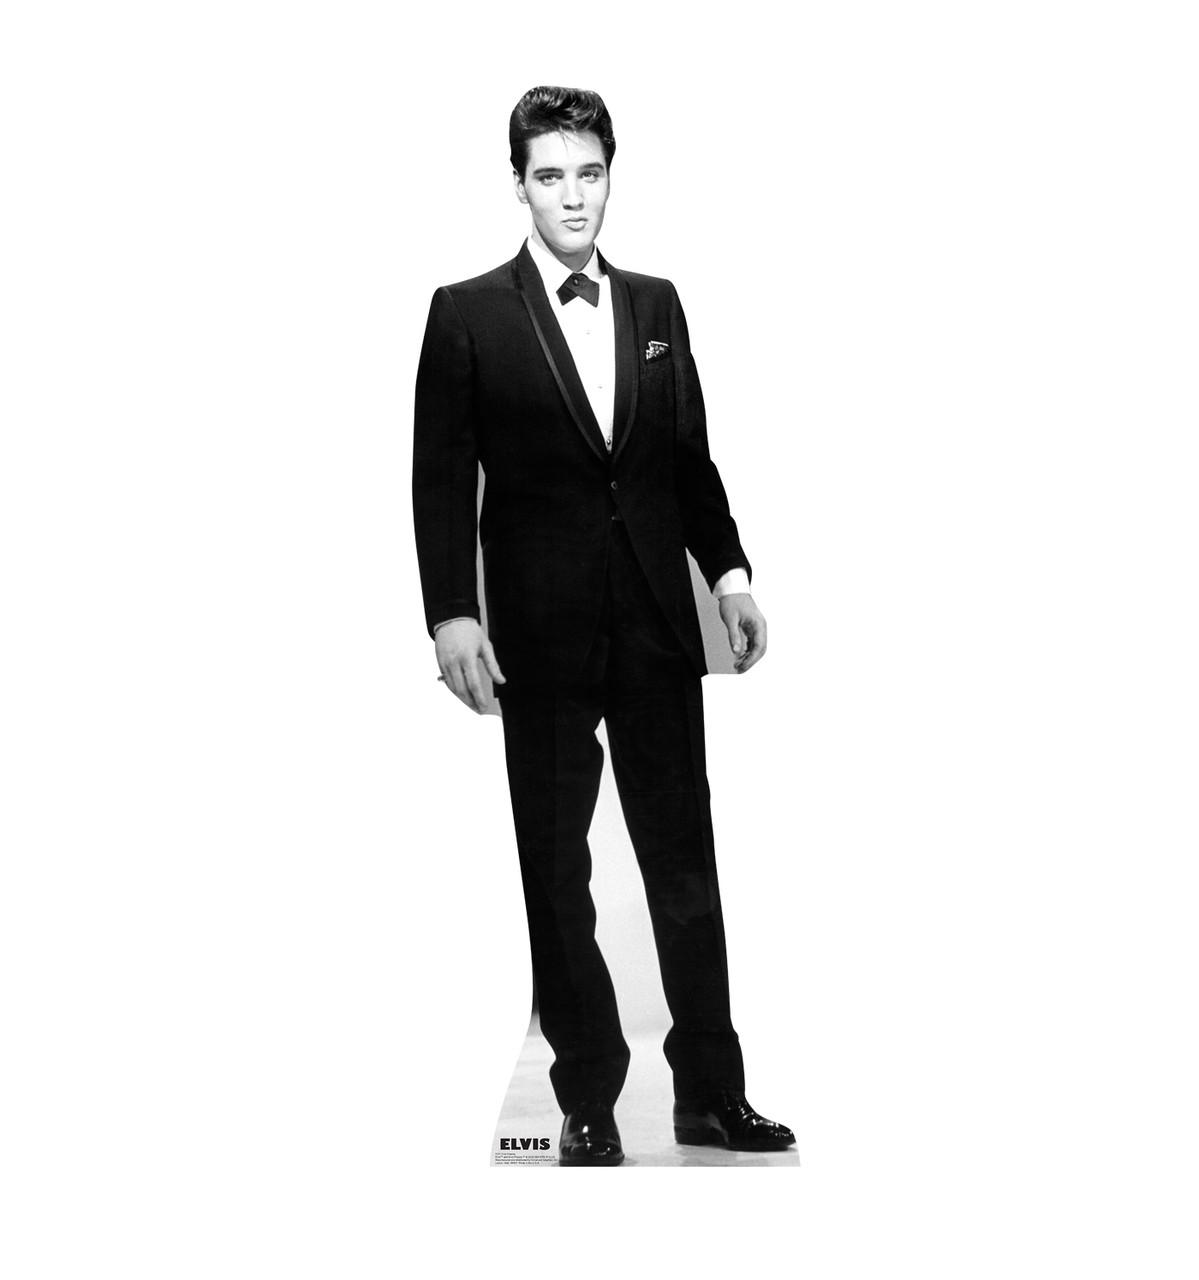 Elvis Black Tuxedo - Talking Cardboard Cutout 377T